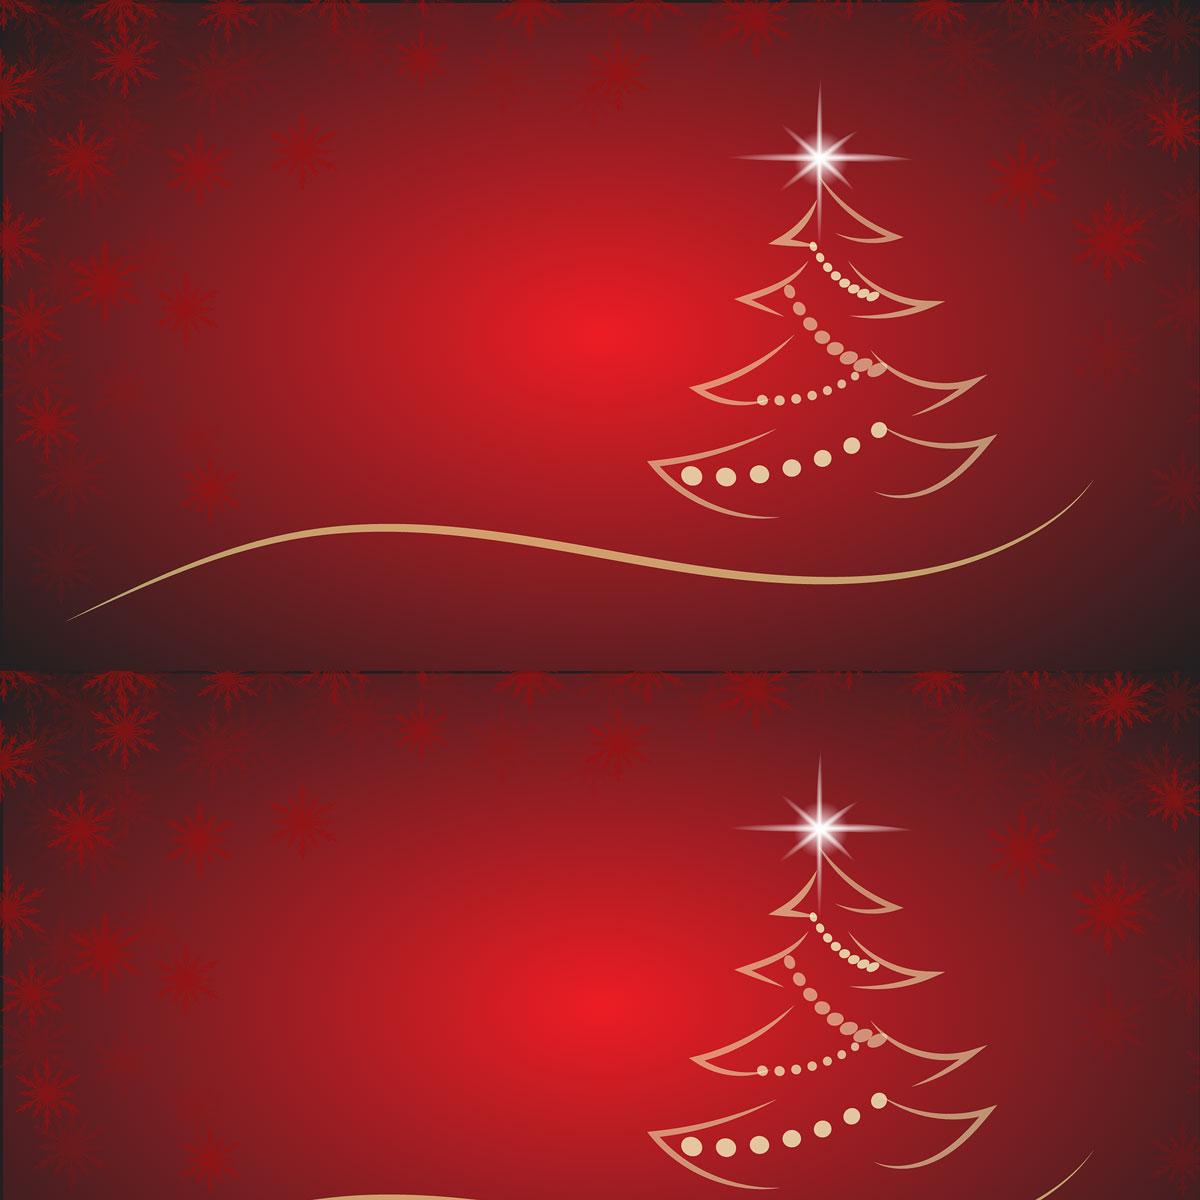 Weihnachten_2017_1